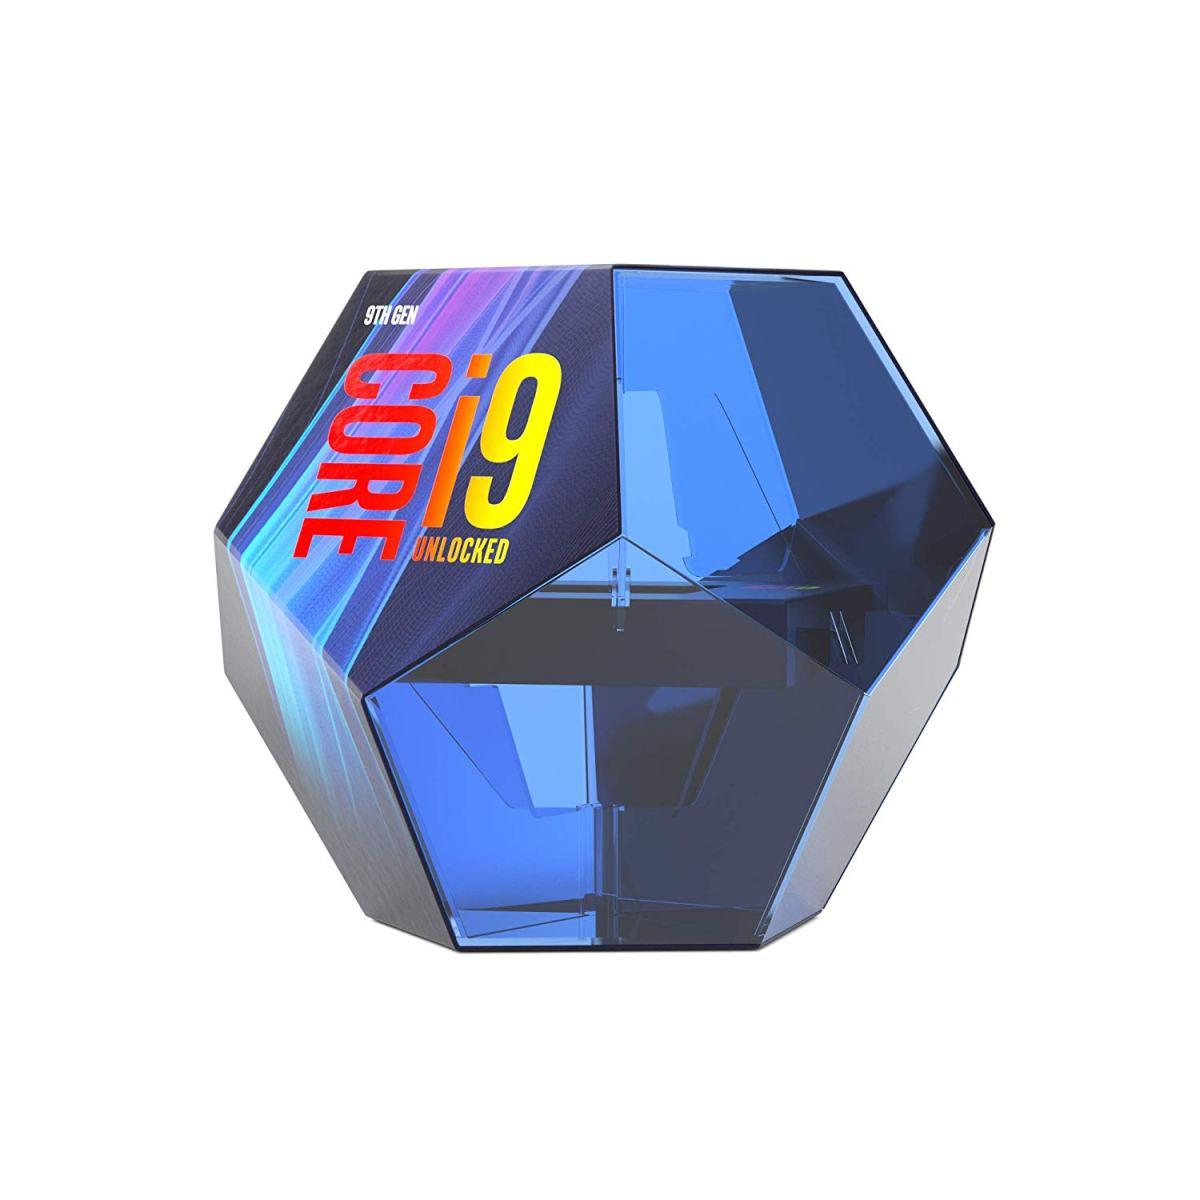 【Core i9-9900K】2019年を戦えるゲーミングPC環境が出揃いましたね【4KHDR】